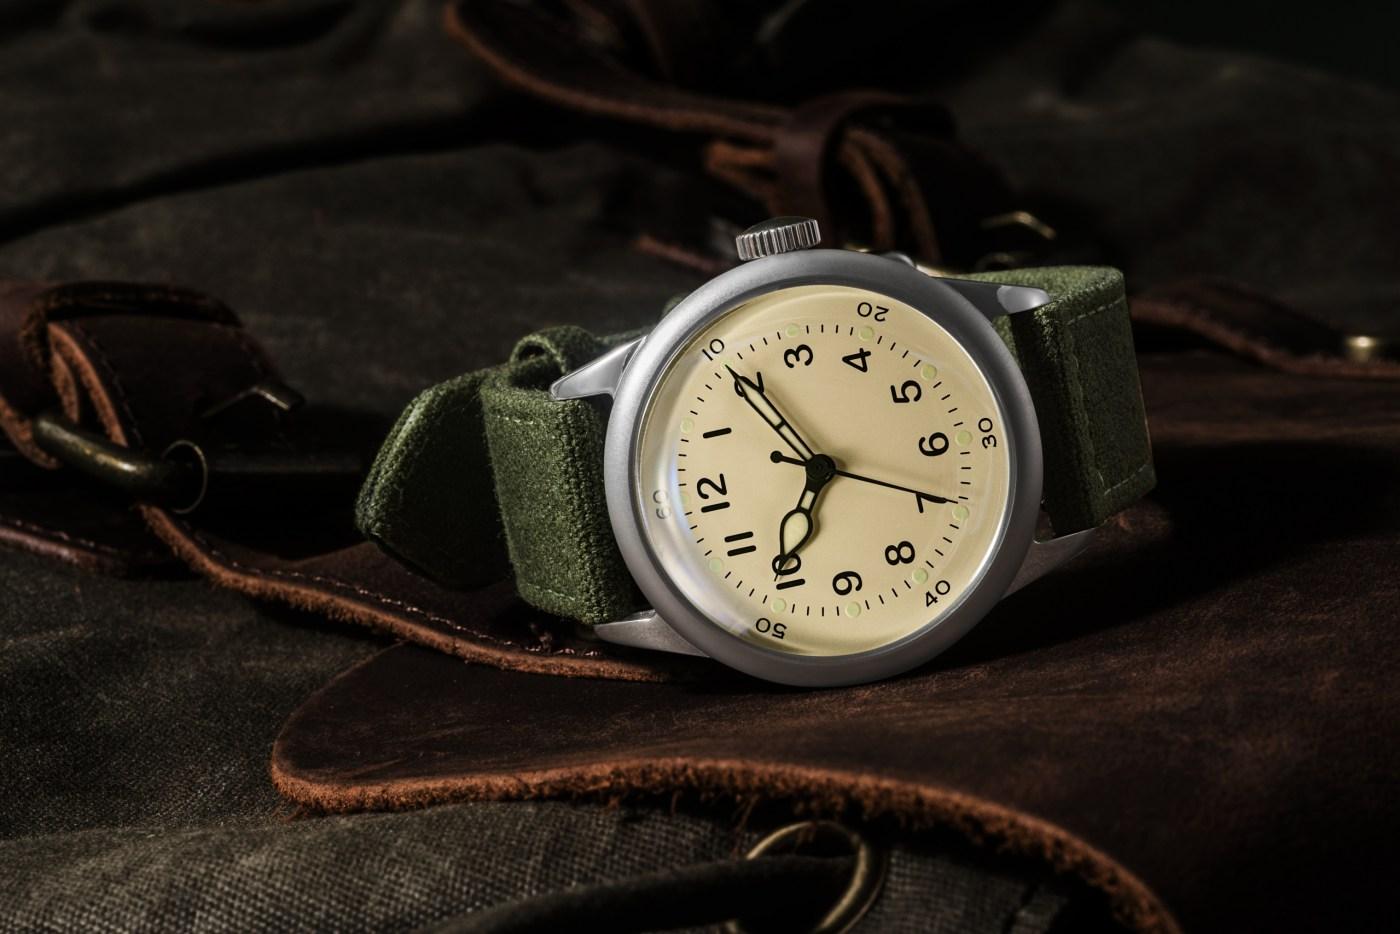 Praesidus A-11 cream dial